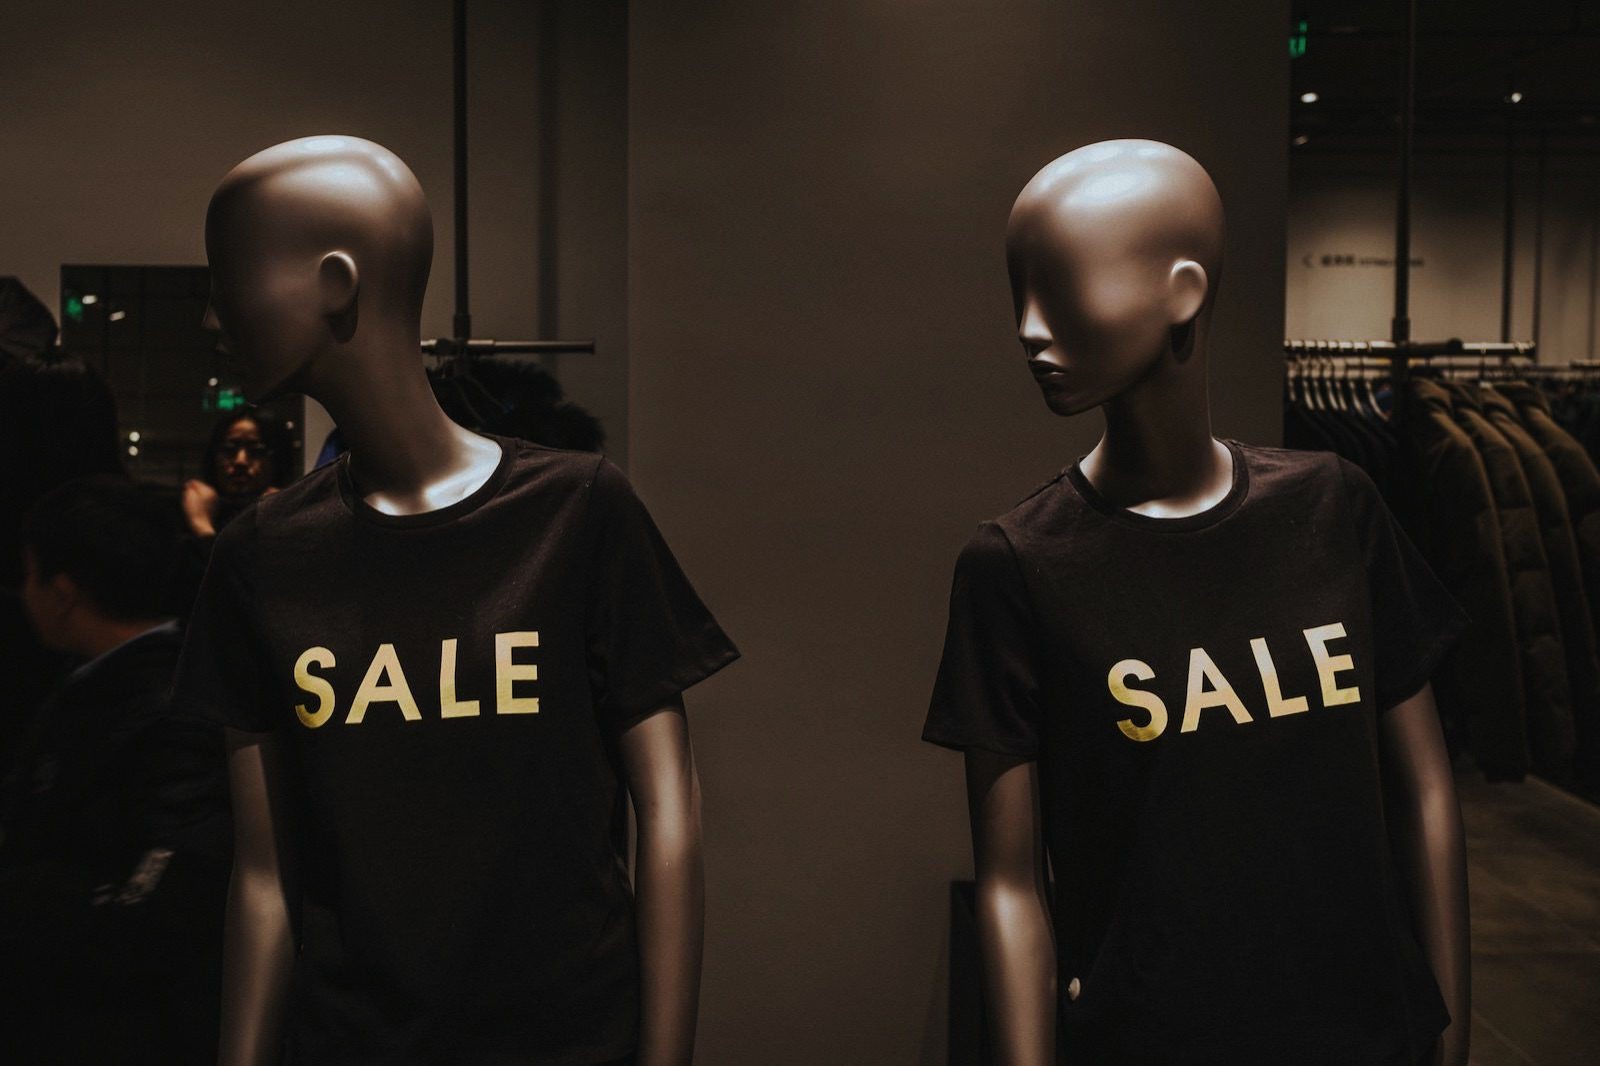 Xiaolong wong 1244284 unsplash mannequin